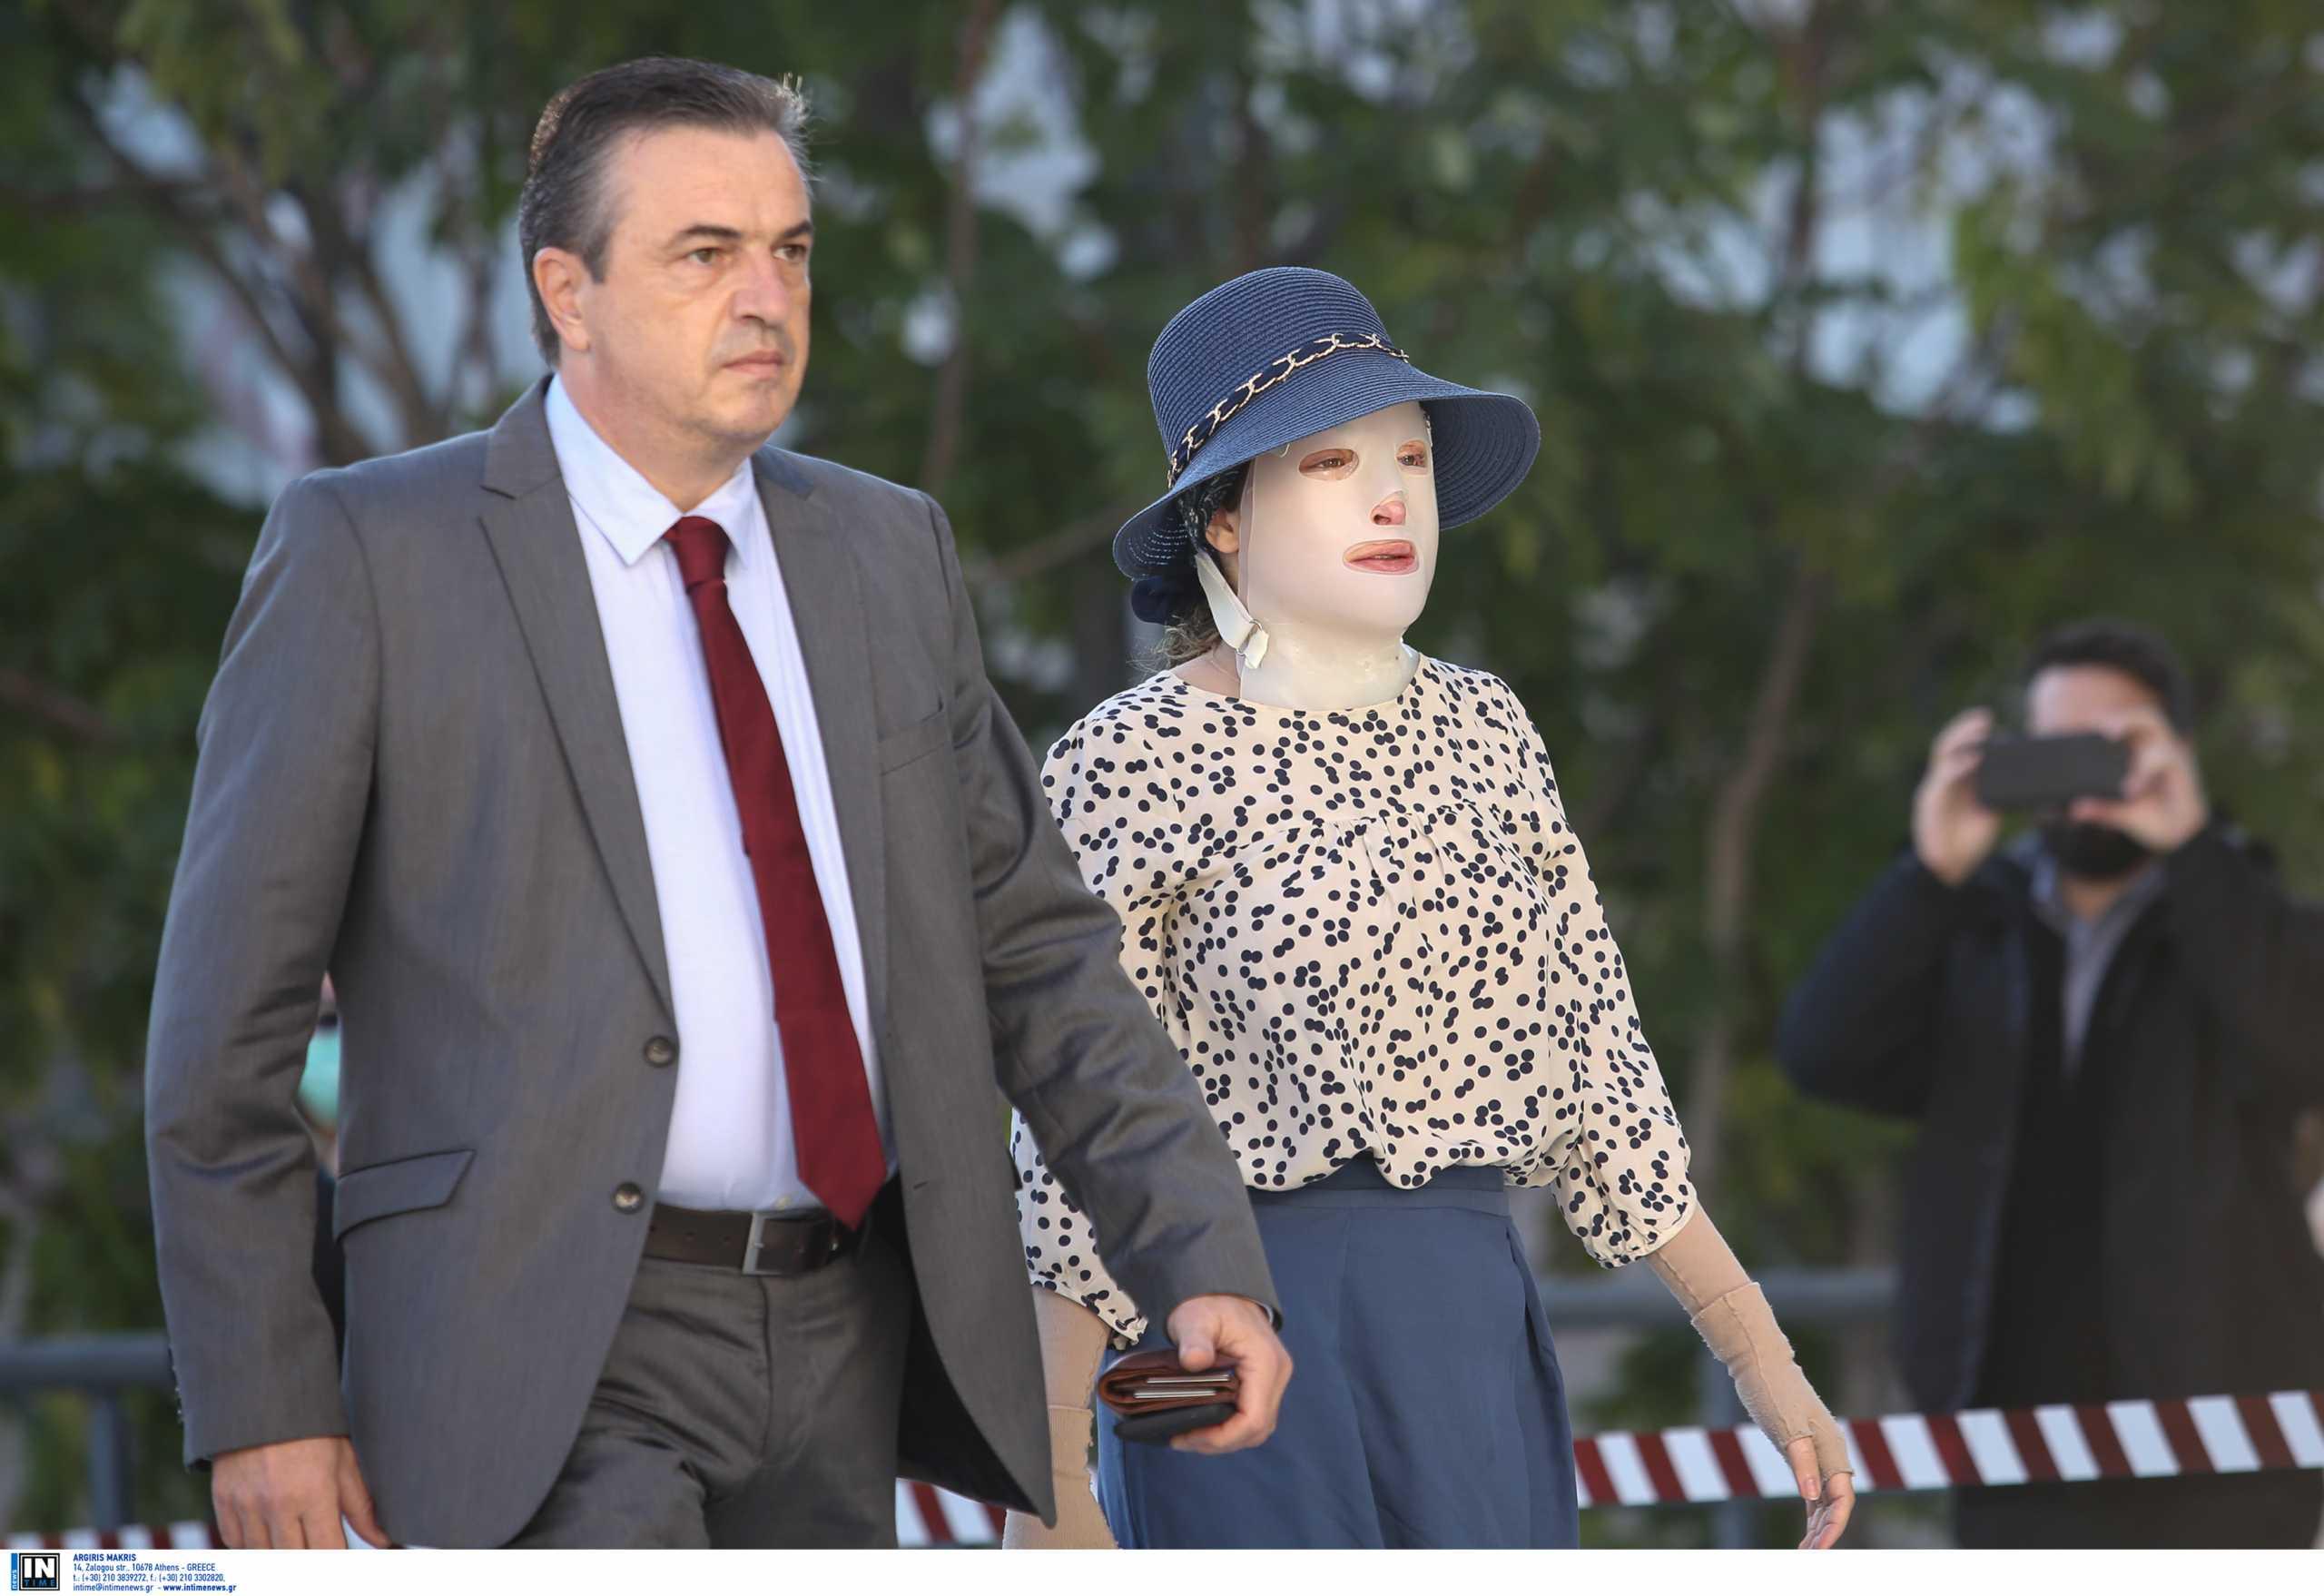 Επίθεση με βιτριόλι: Ιωάννα Παλιοσπύρου και Έφη παρούσες ξανά στο δικαστήριο